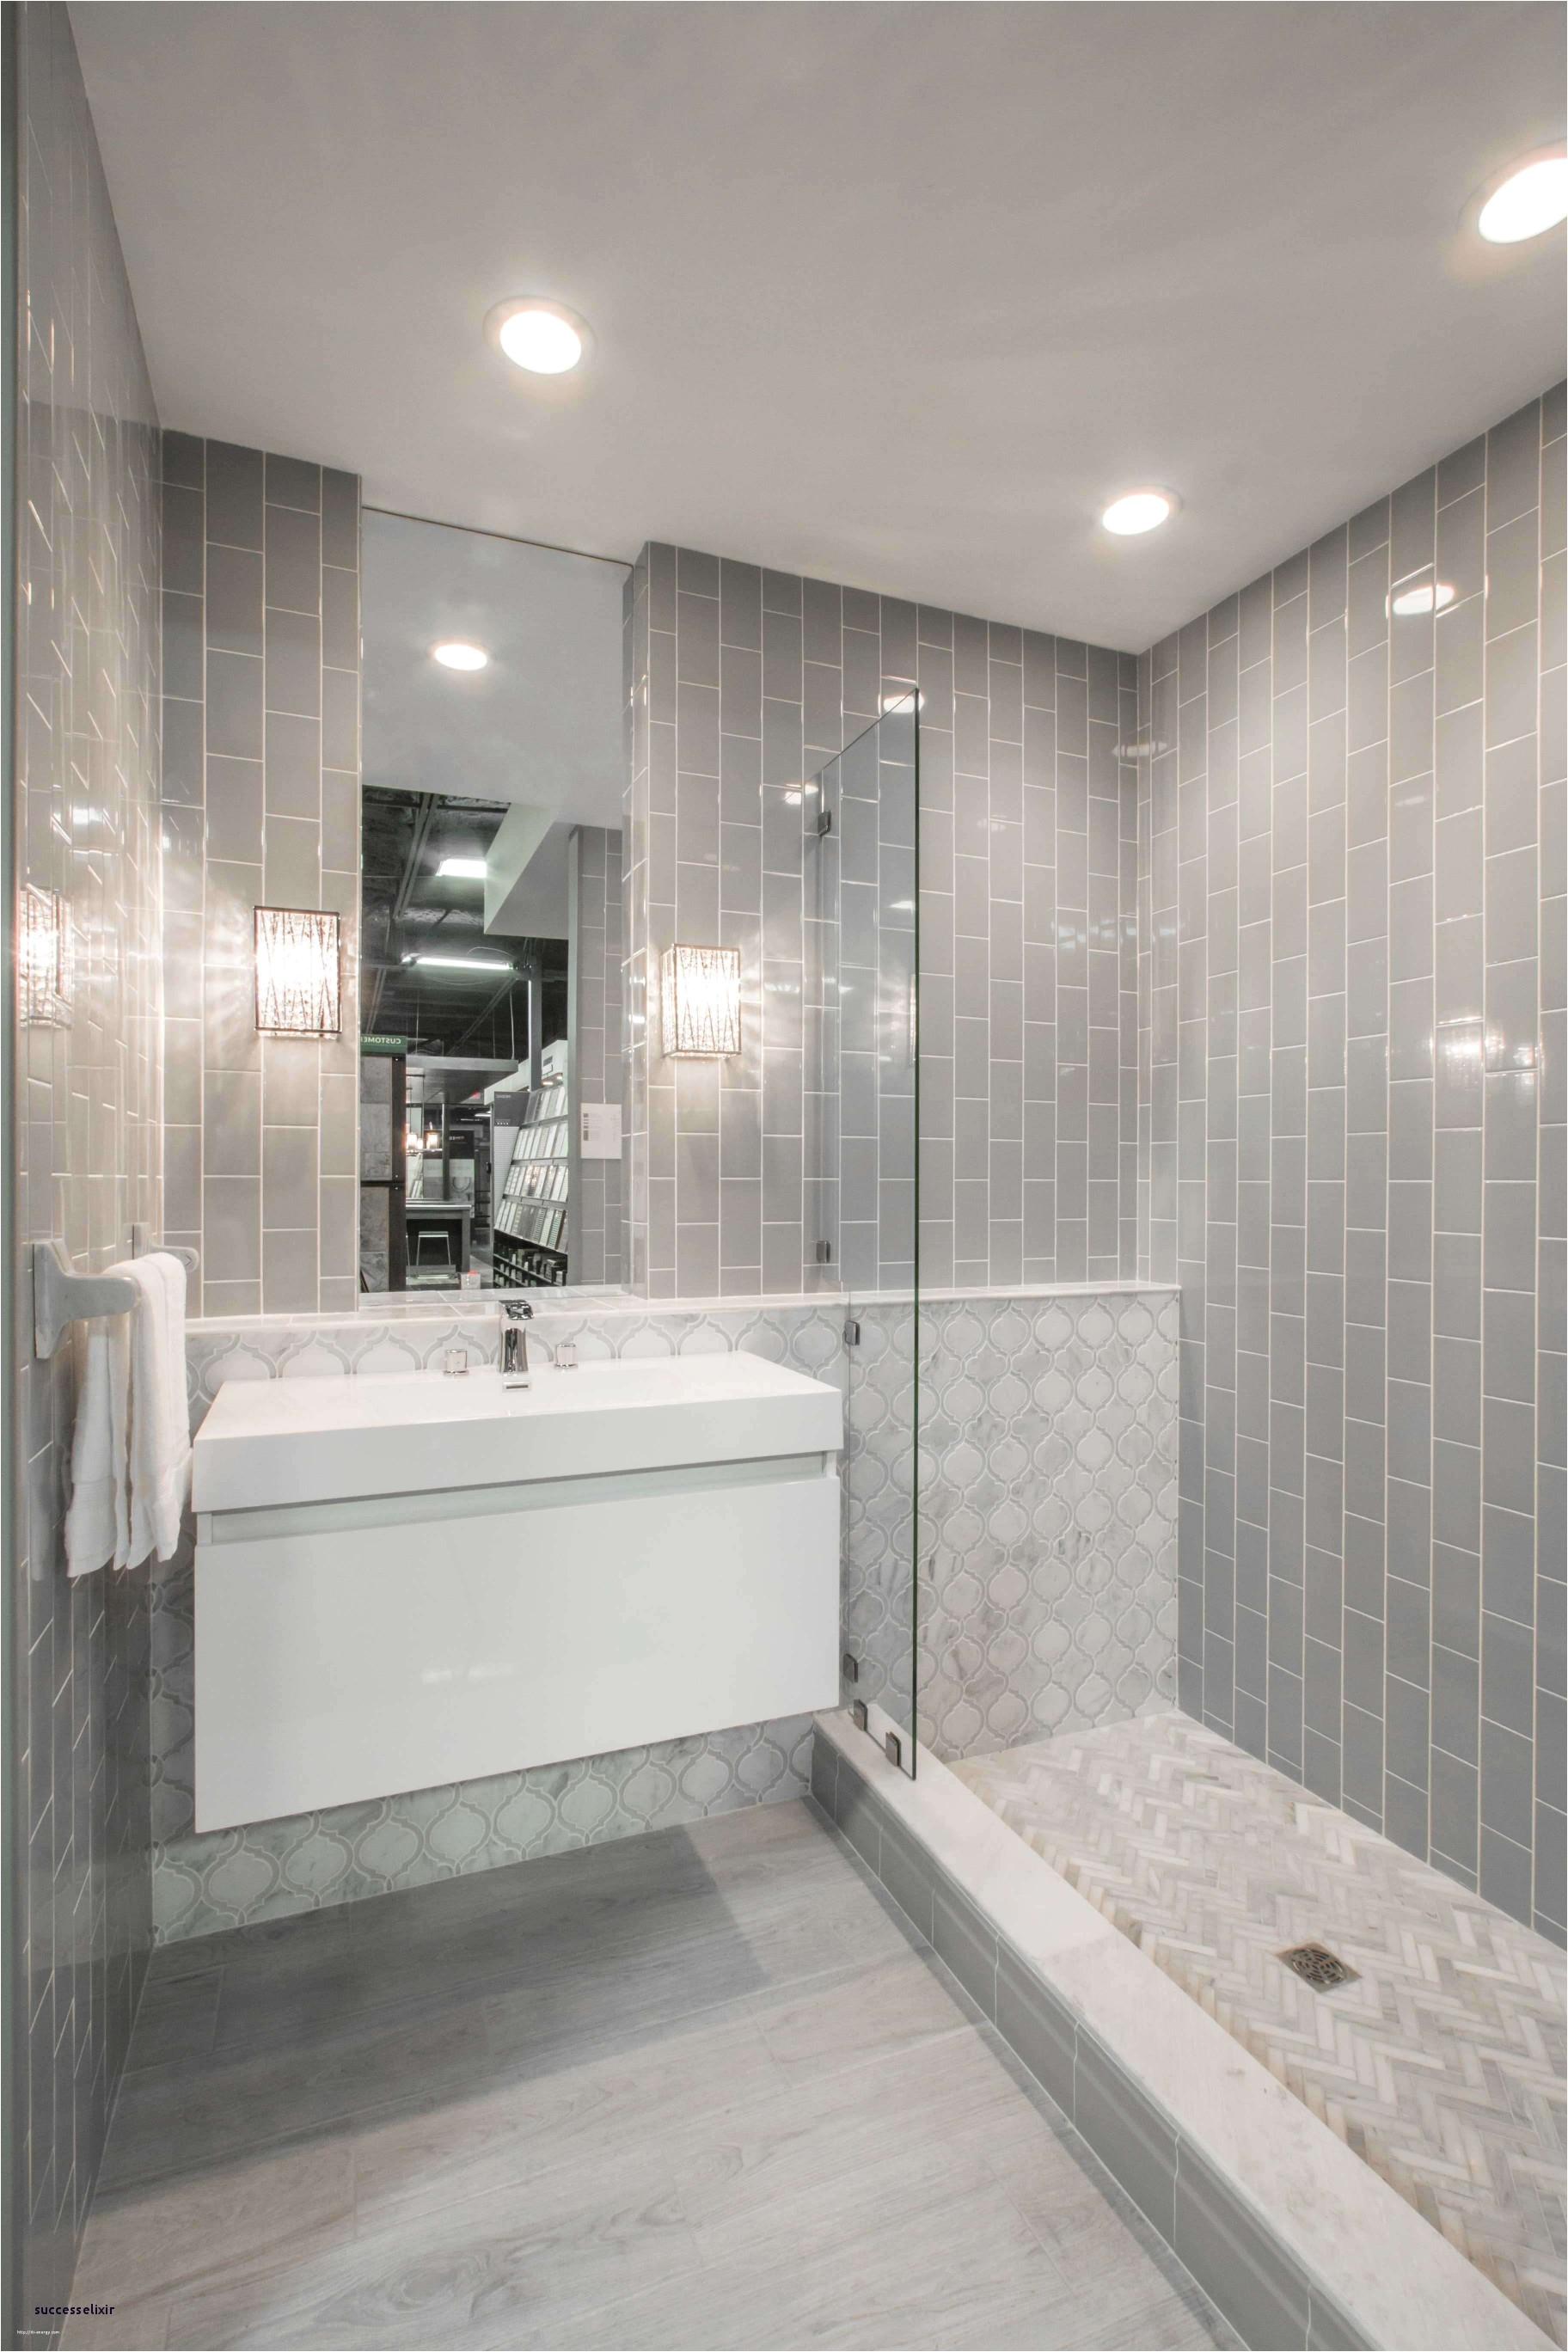 bathtub shower tile ideas unique awesome bathroom picture ideas lovely tag toilet ideas 0d best